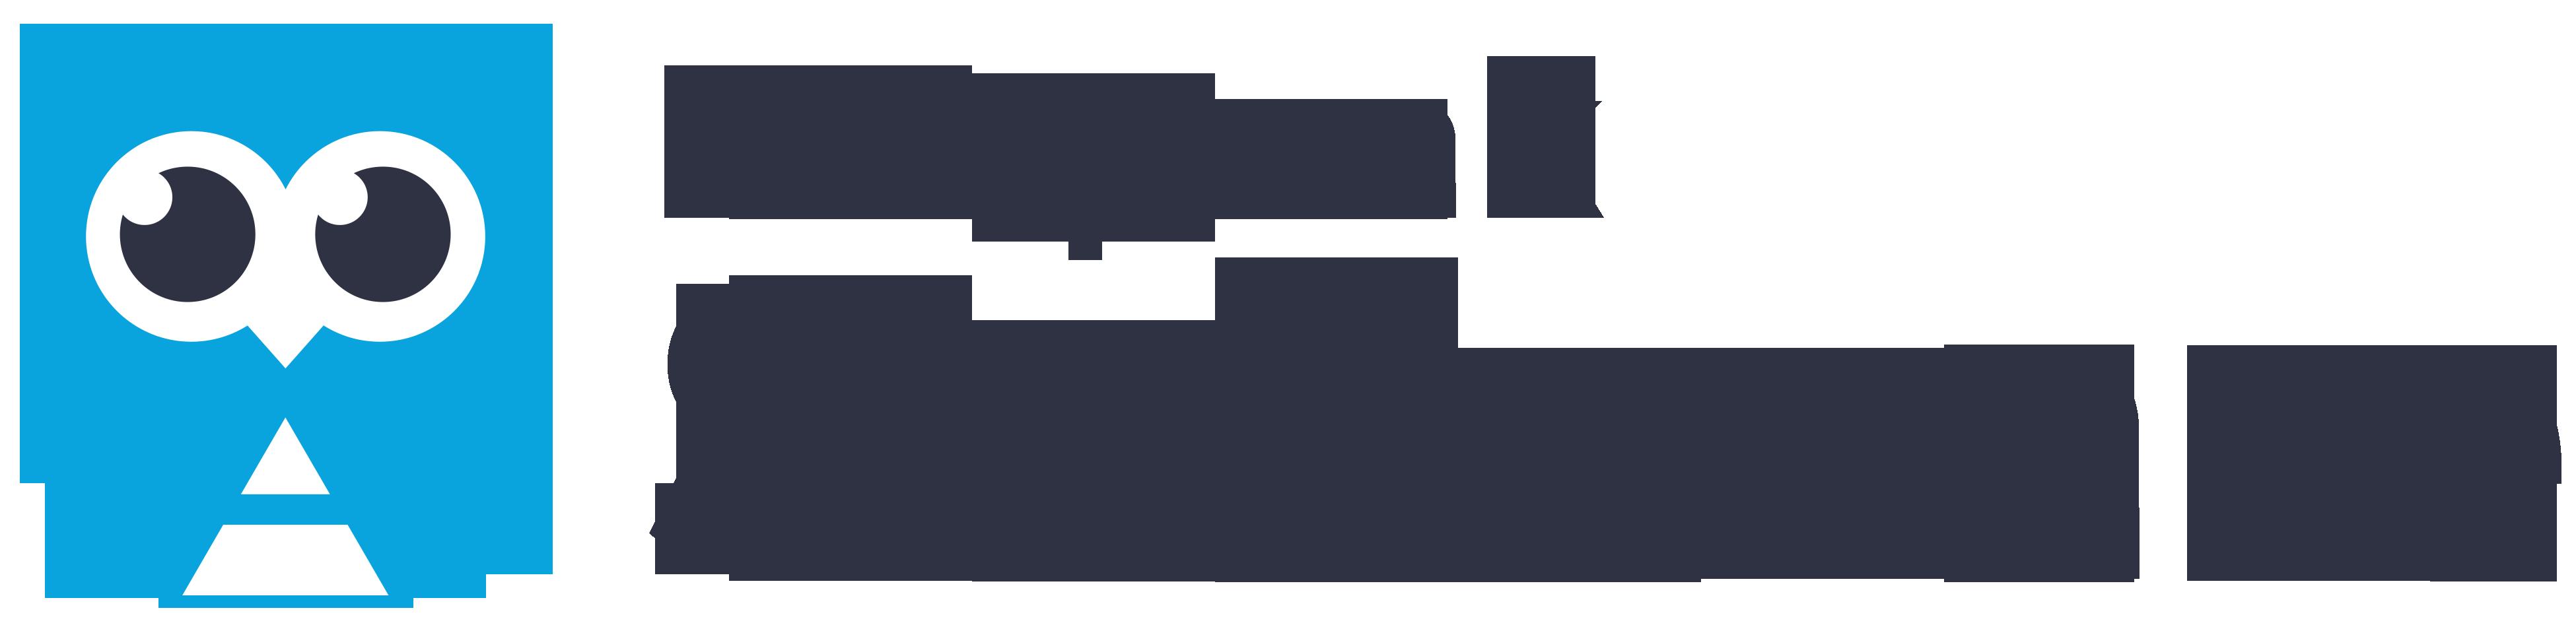 Bonus for our lovely users — Serpstat